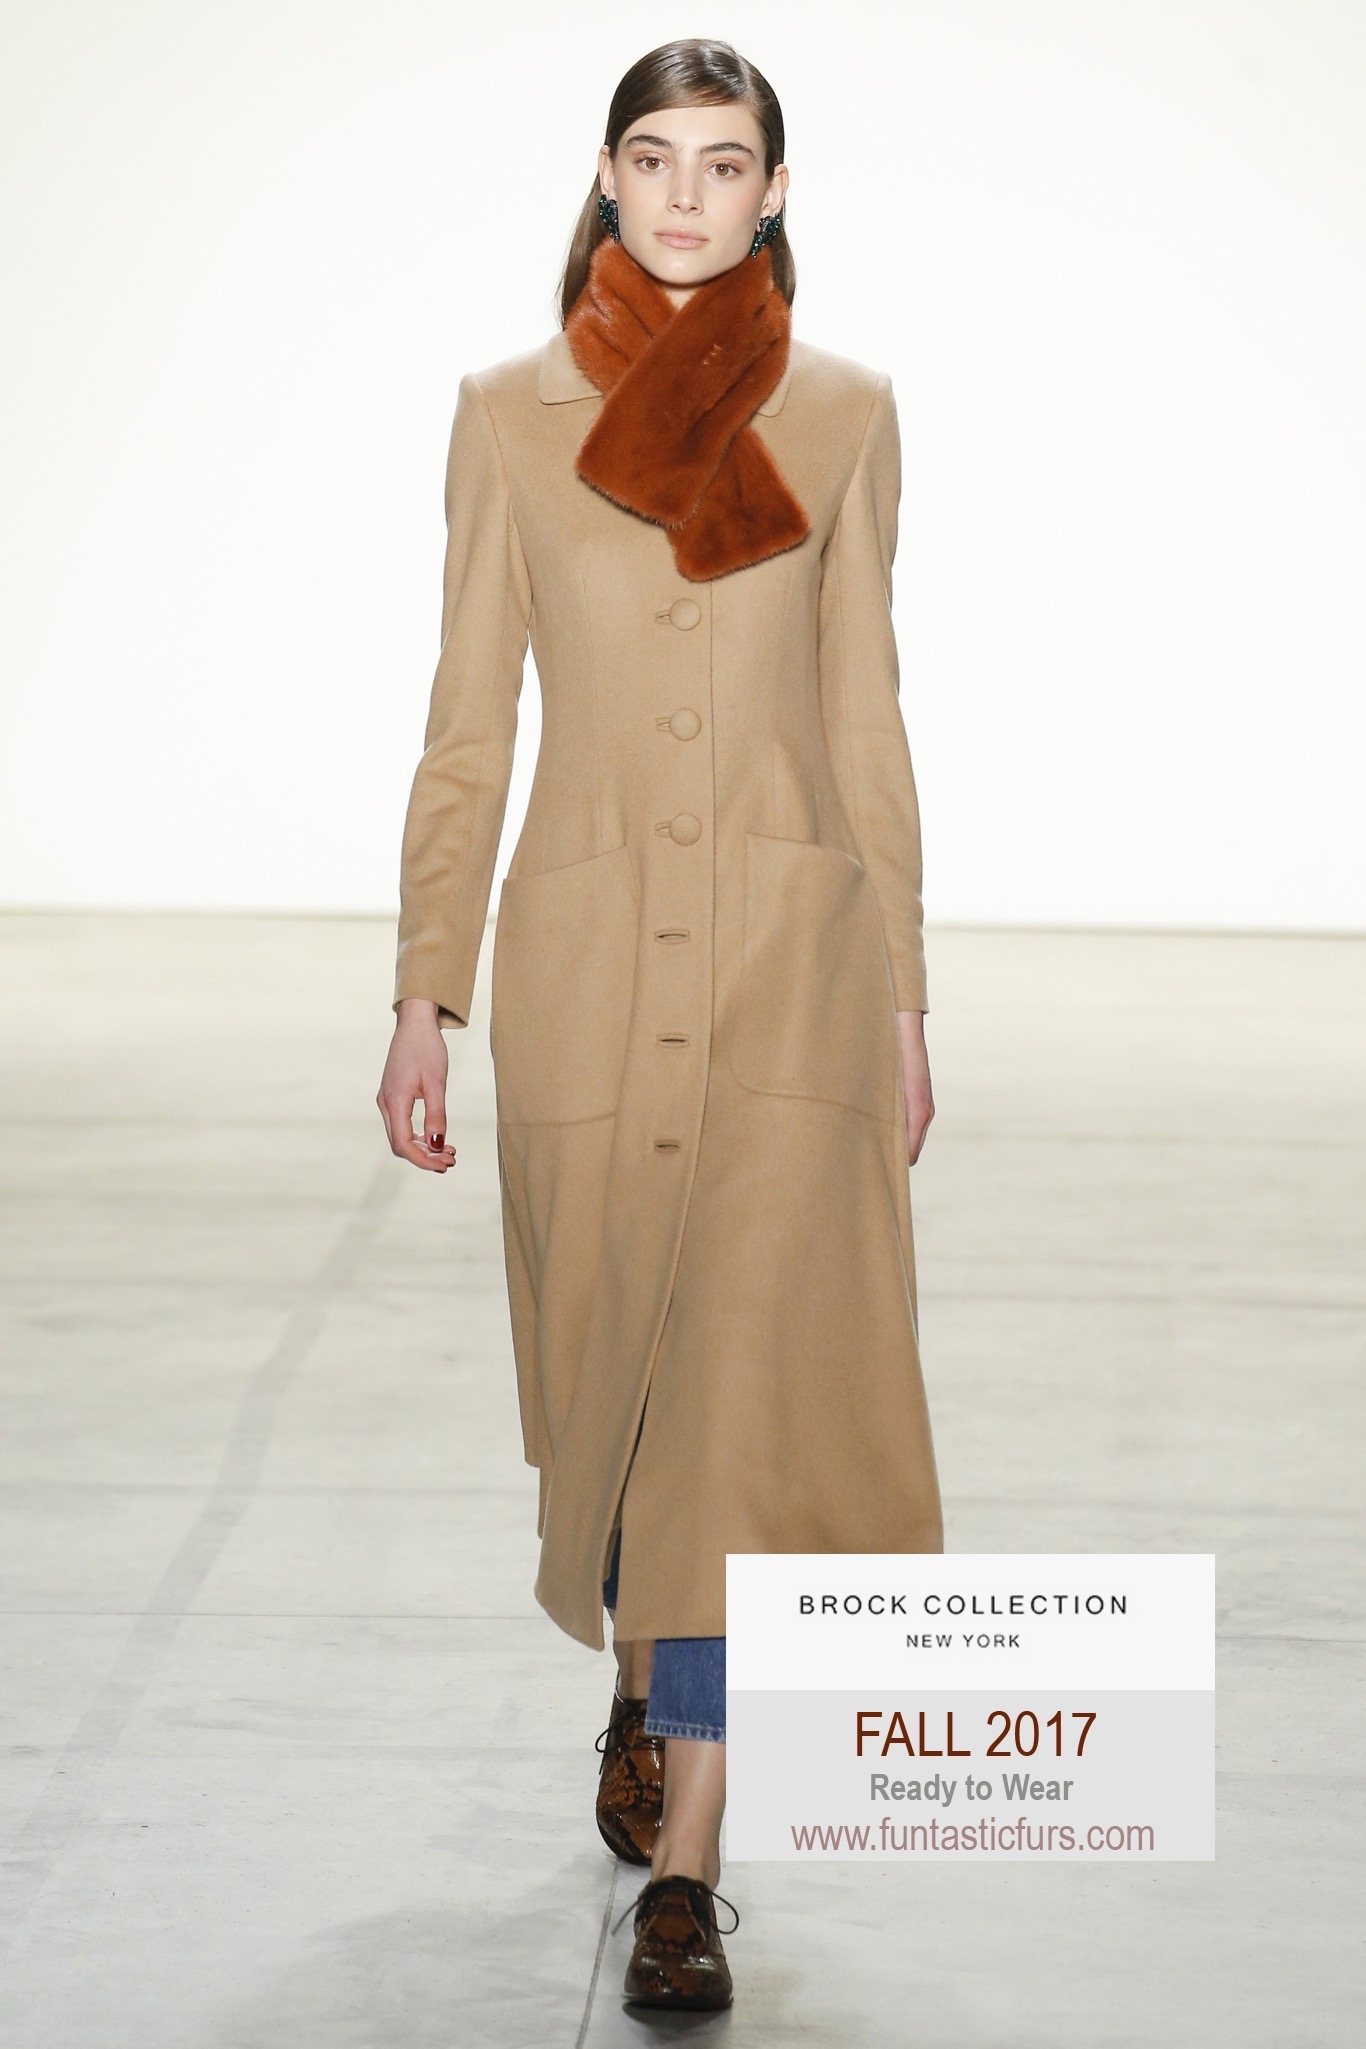 Dandy fashion for women 54